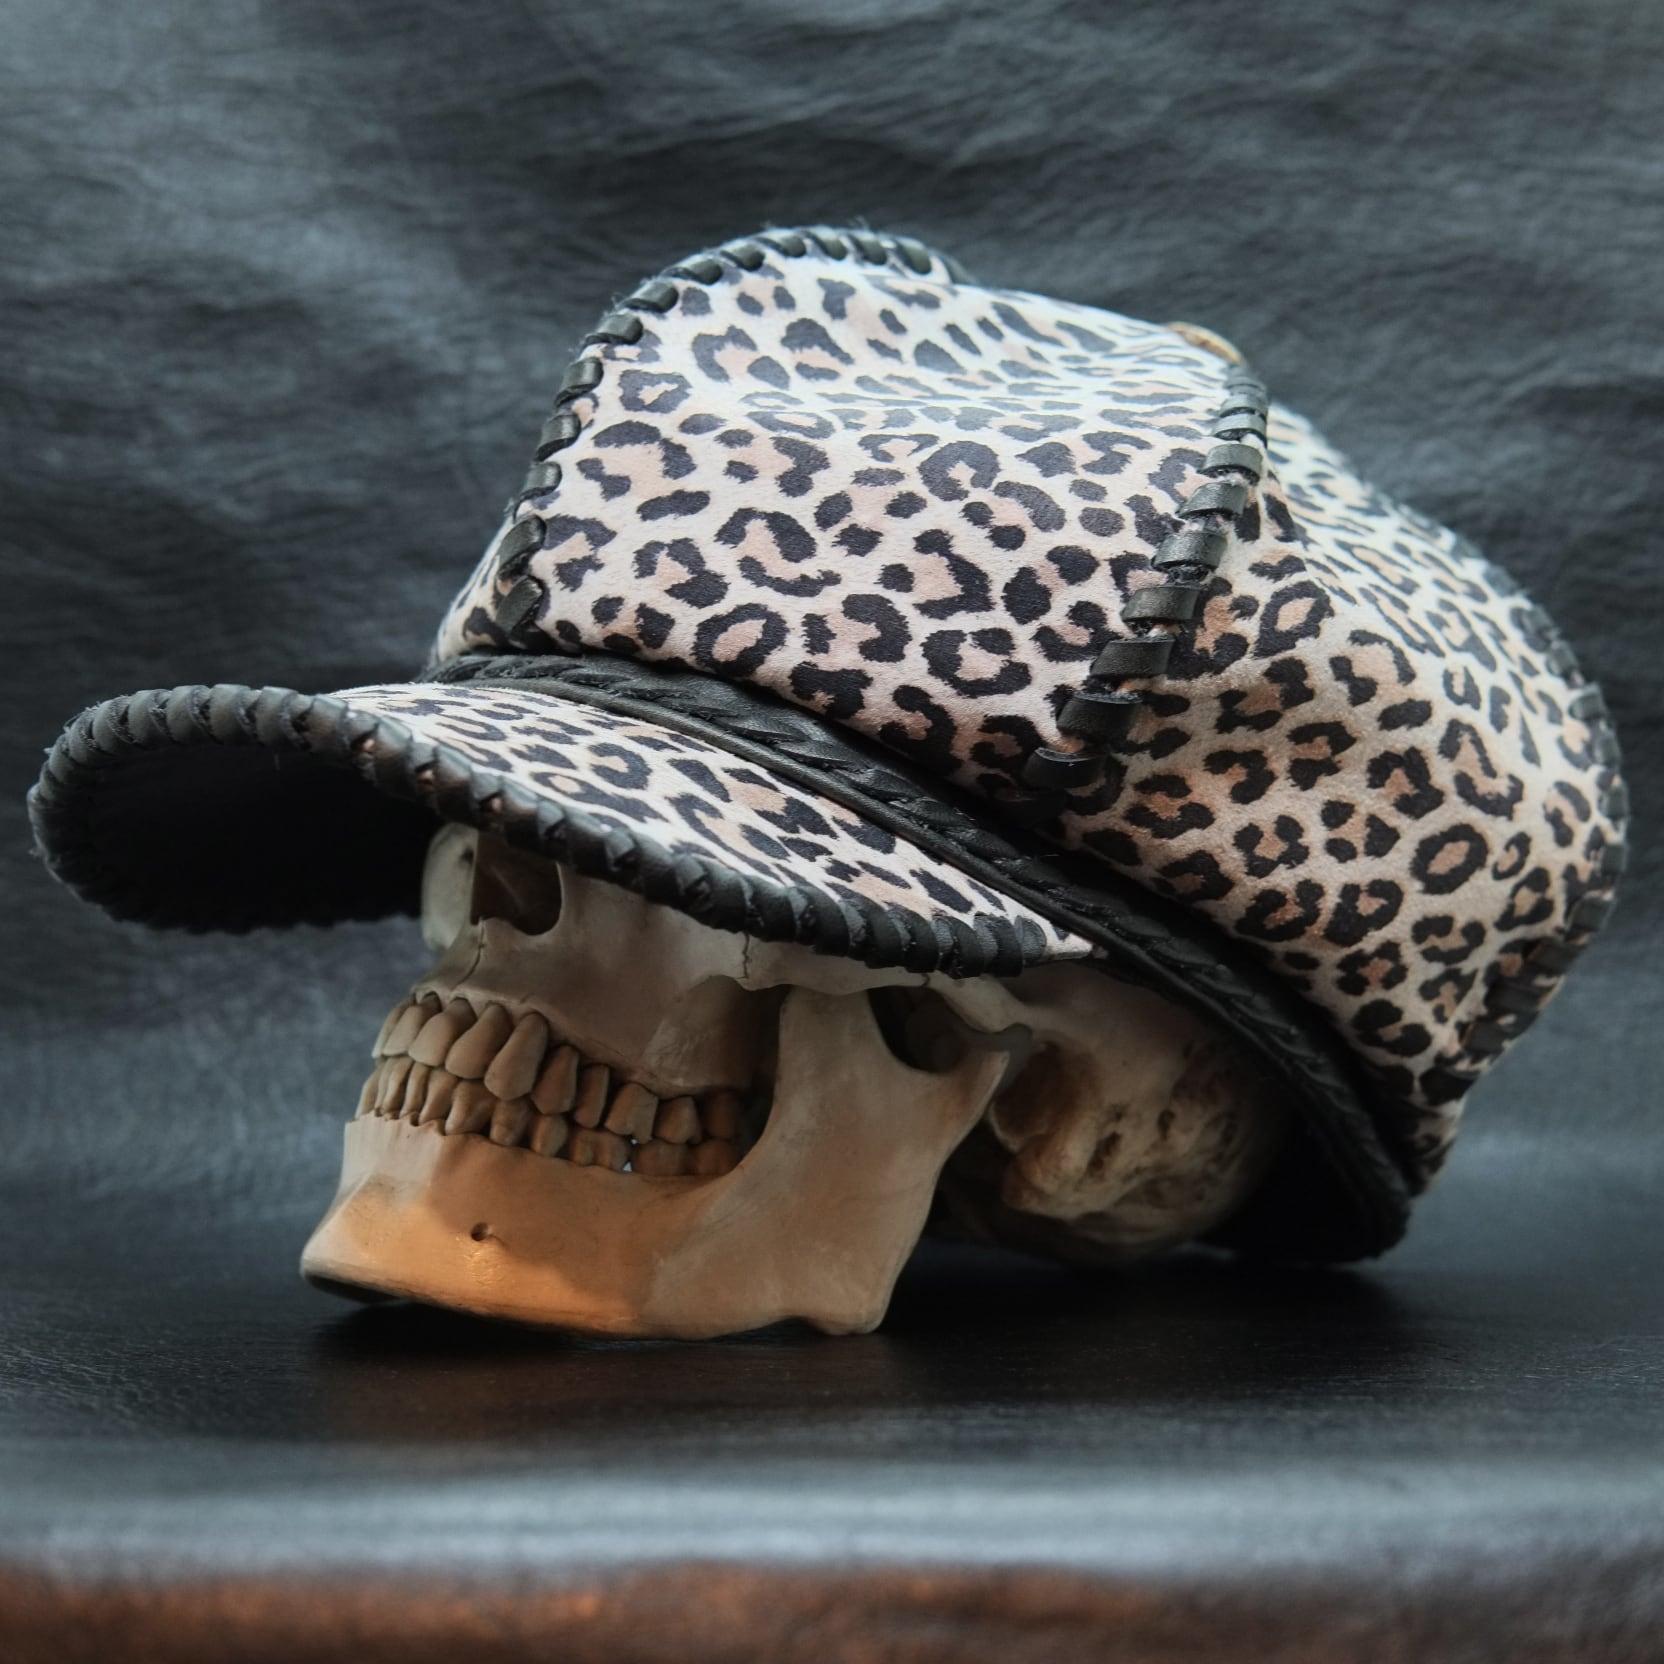 6ハギ・レザーキャスケット帽 レオパード&ブラック